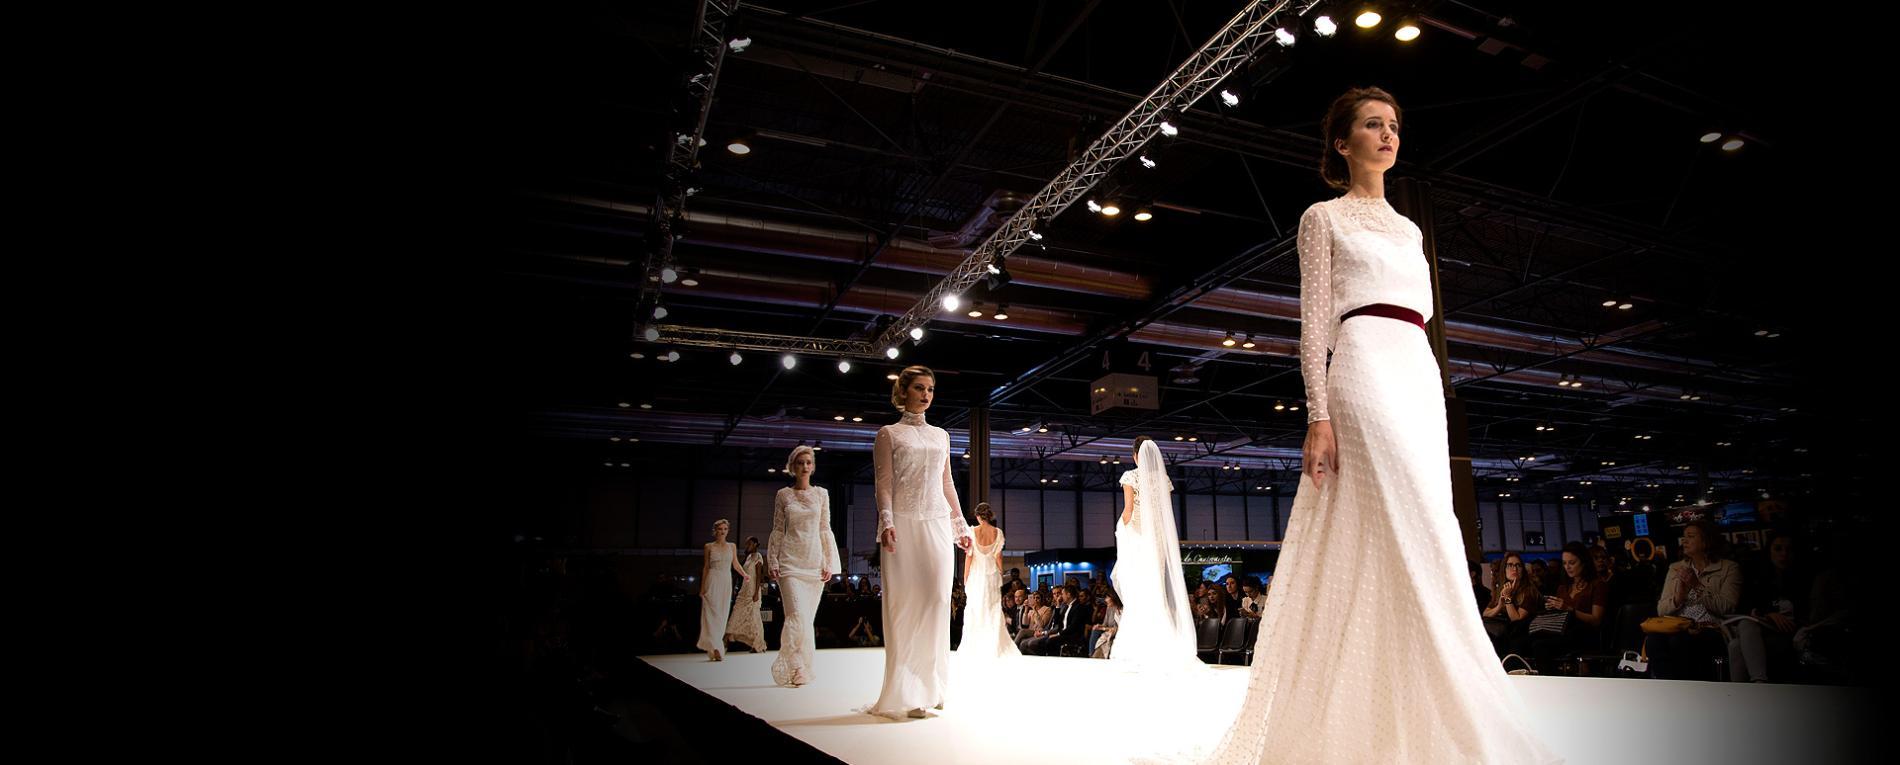 Desfile de vestidos de novias